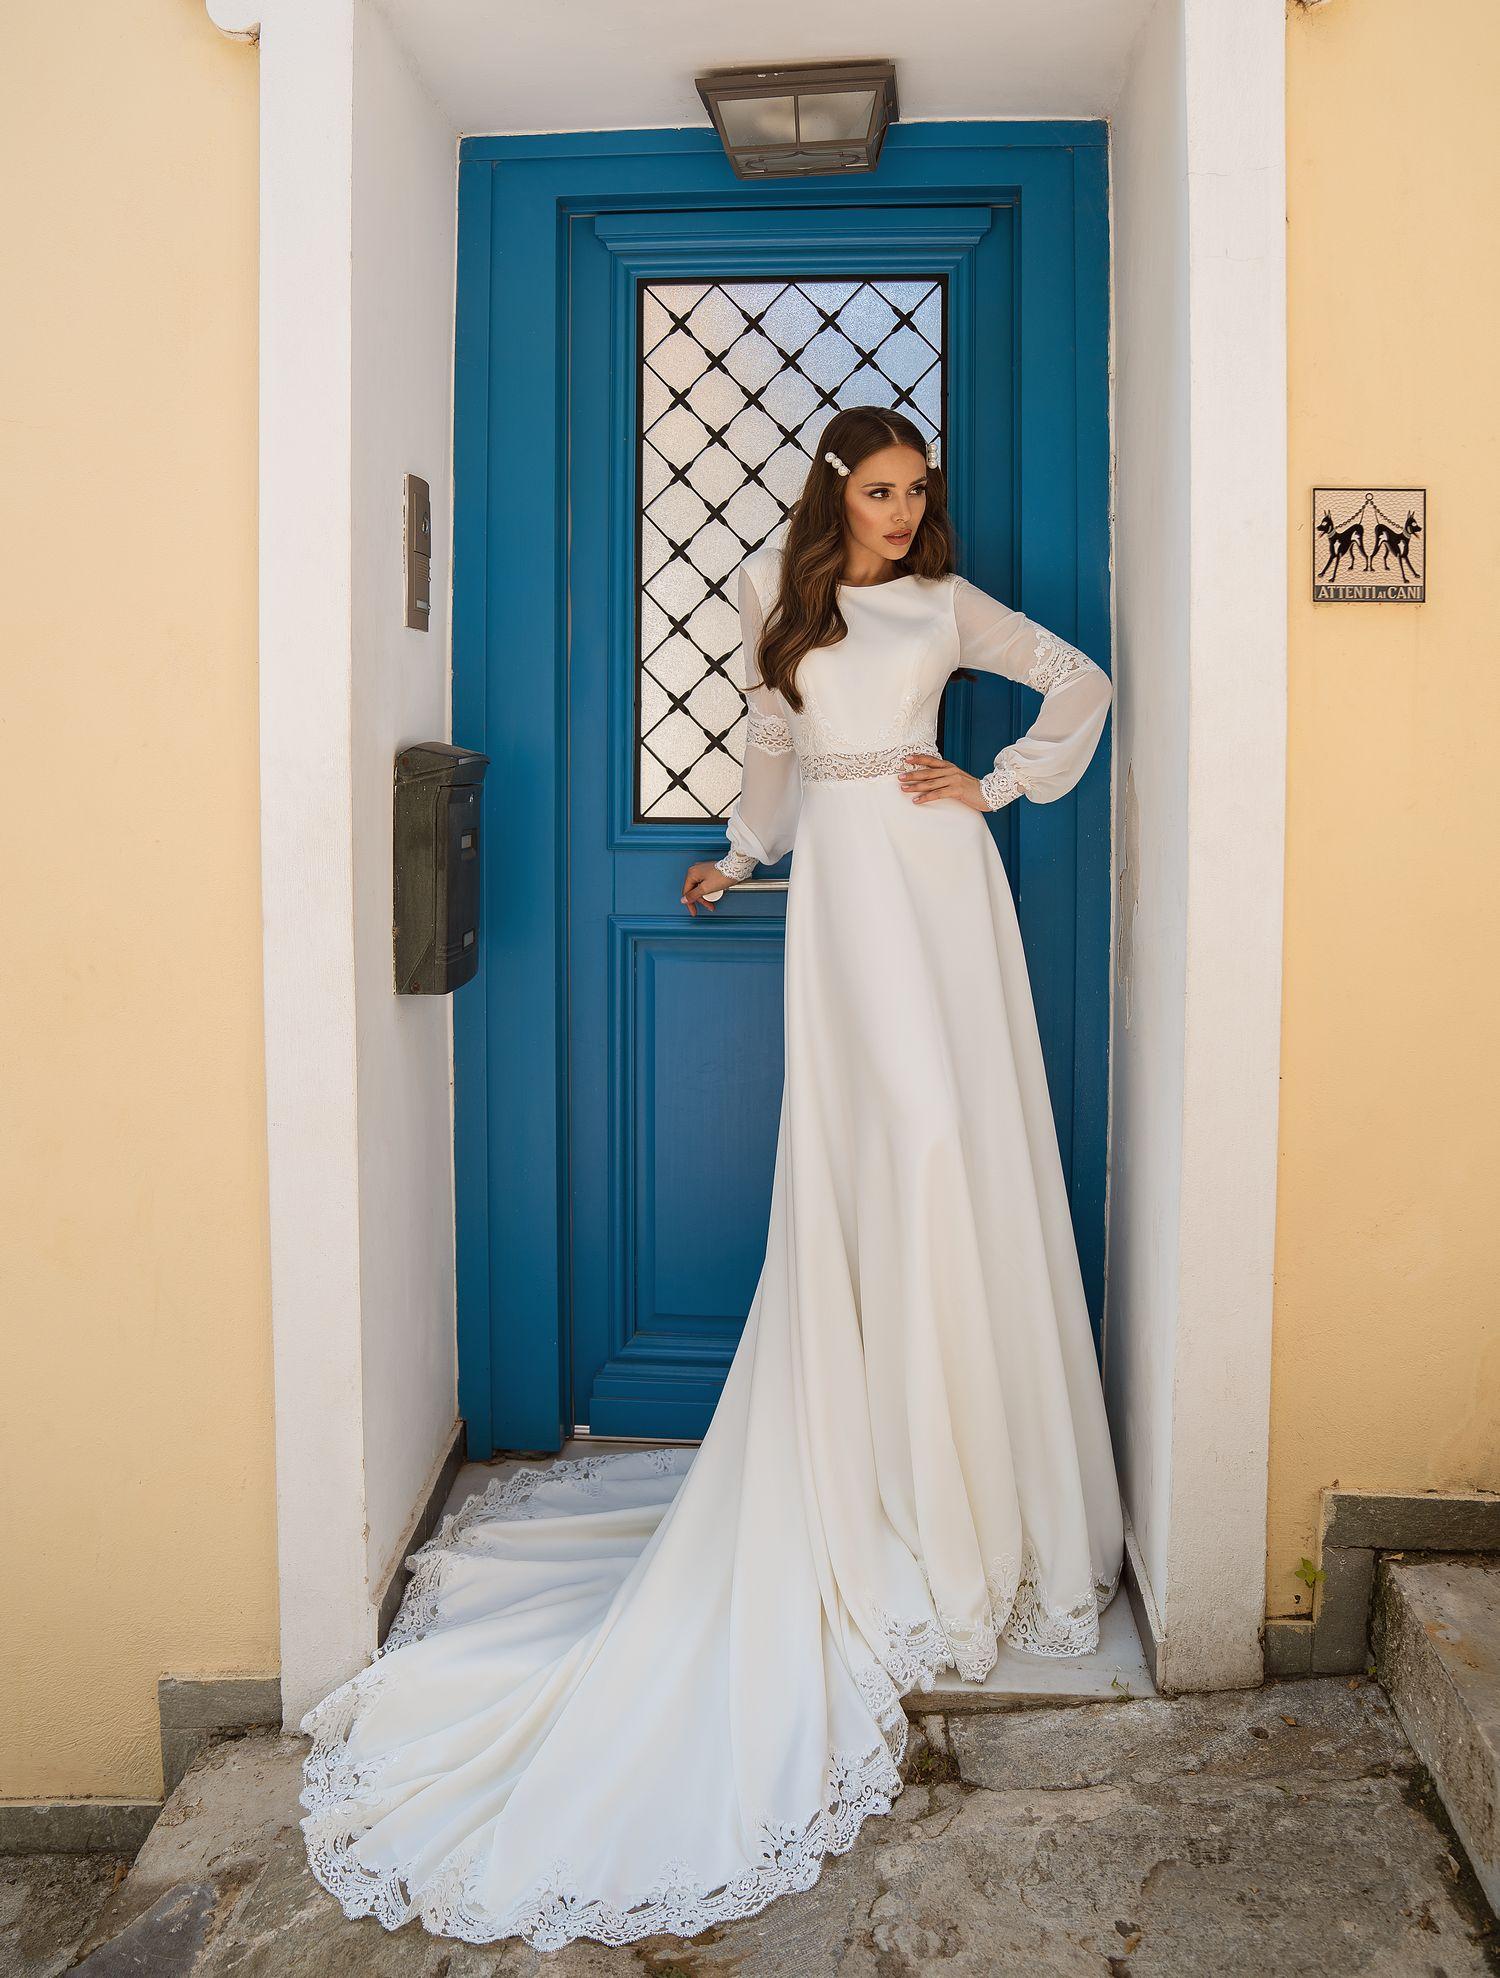 Весільну сукню з прозорими вставками купити від виробника Supernova оптом-1